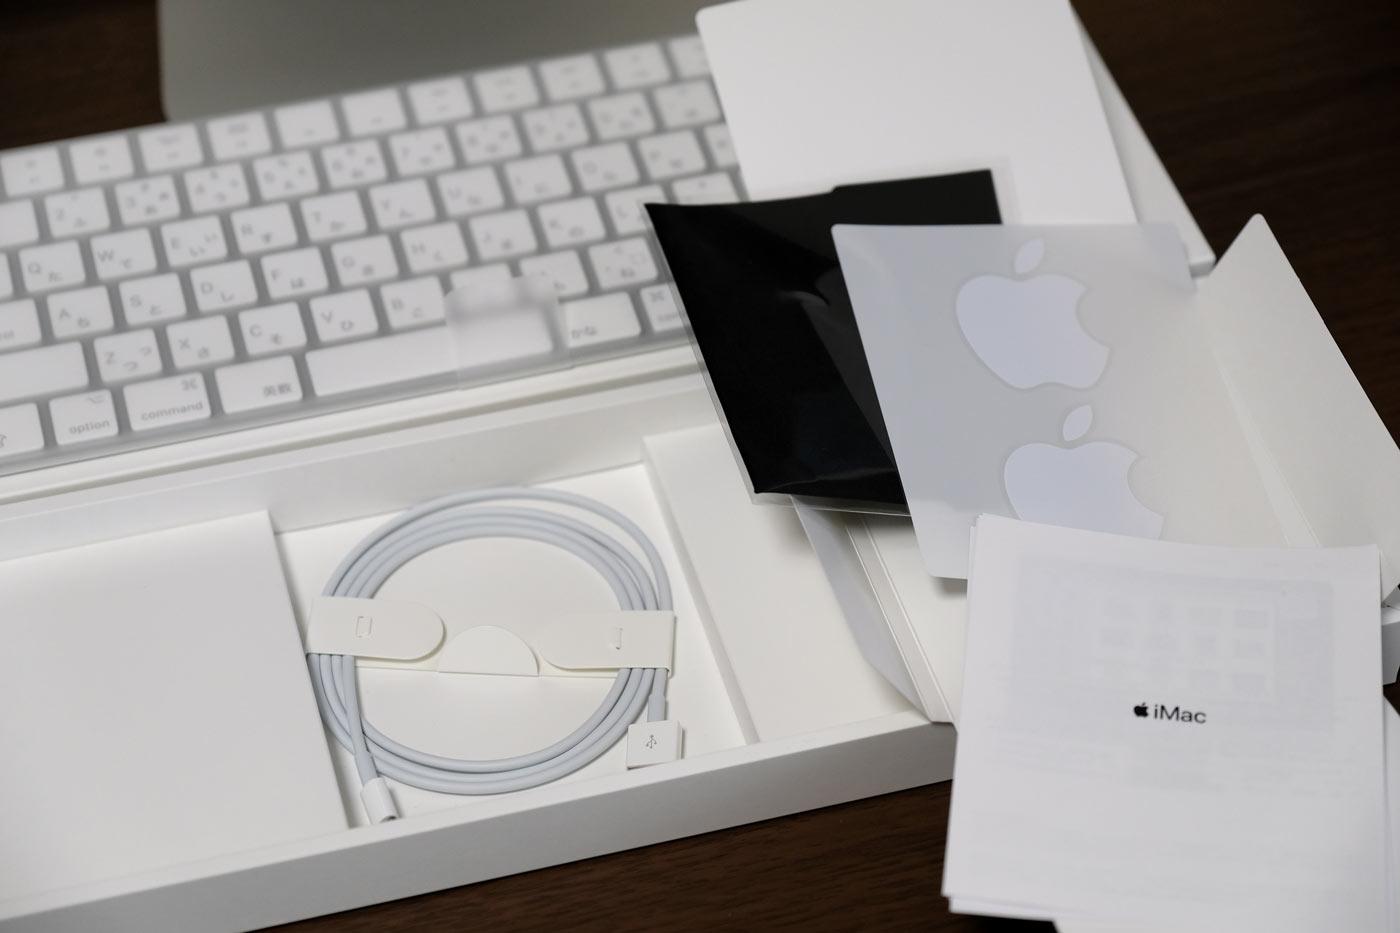 27インチiMac 5K 付属品